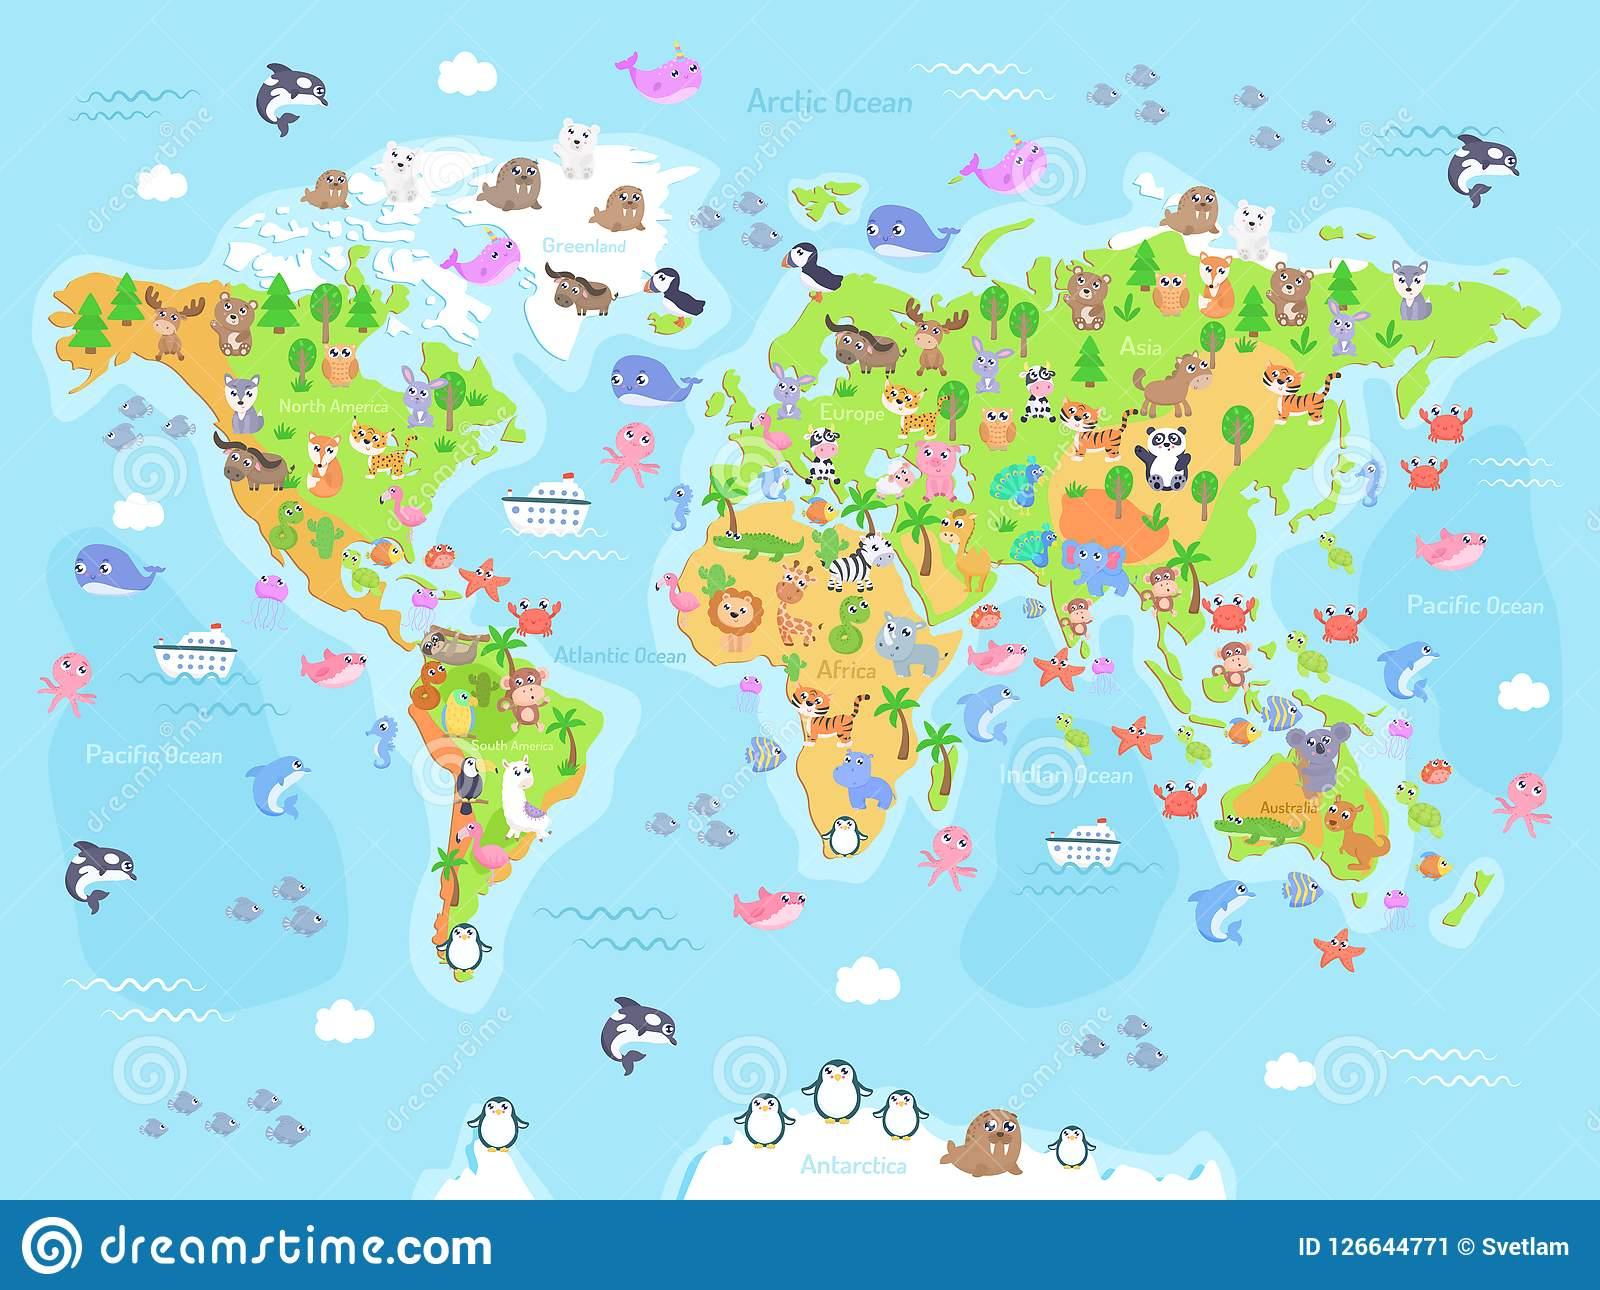 Dirigez L'illustration De La Carte Du Monde Avec Des Animaux destiné Carte Du Monde Pour Enfant